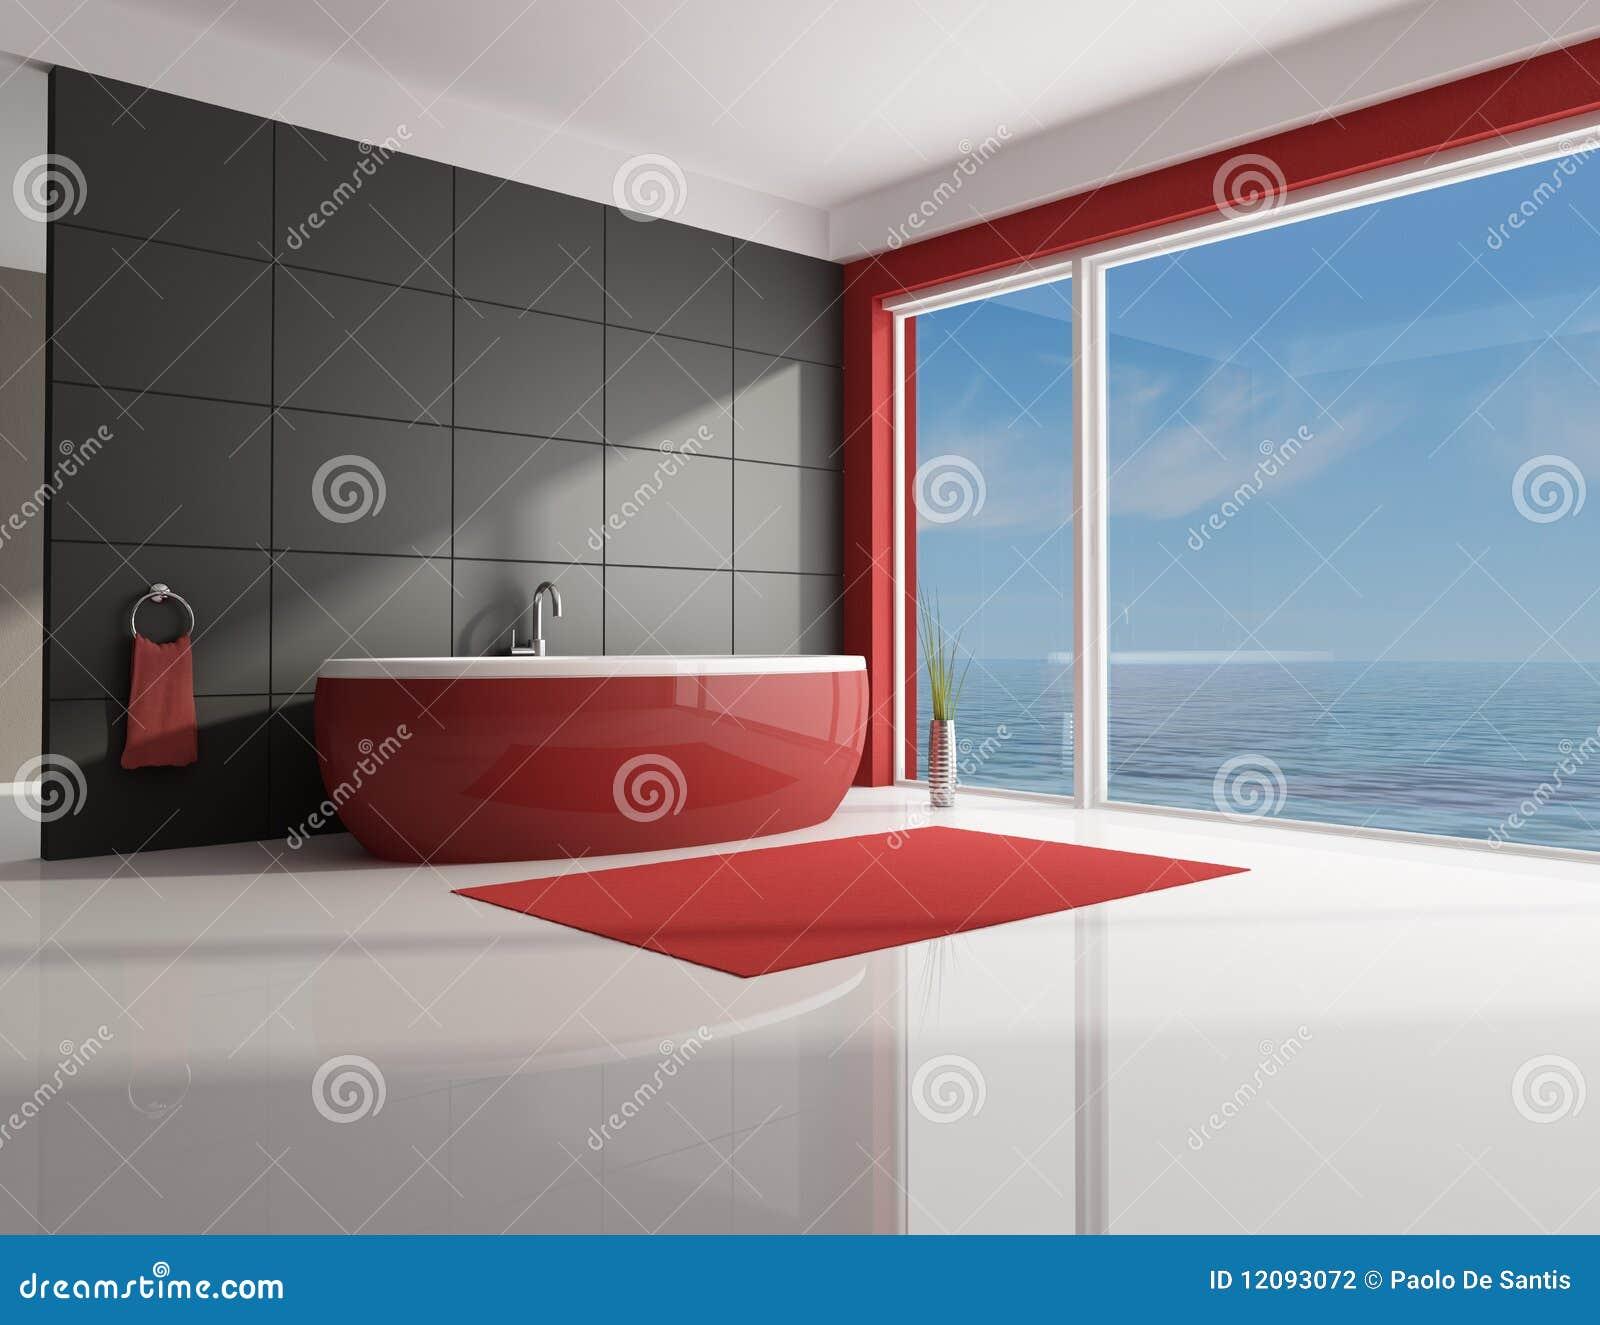 Cuarto de ba o rojo y marr n minimalista fotograf a de - Cuartos de bano minimalistas ...